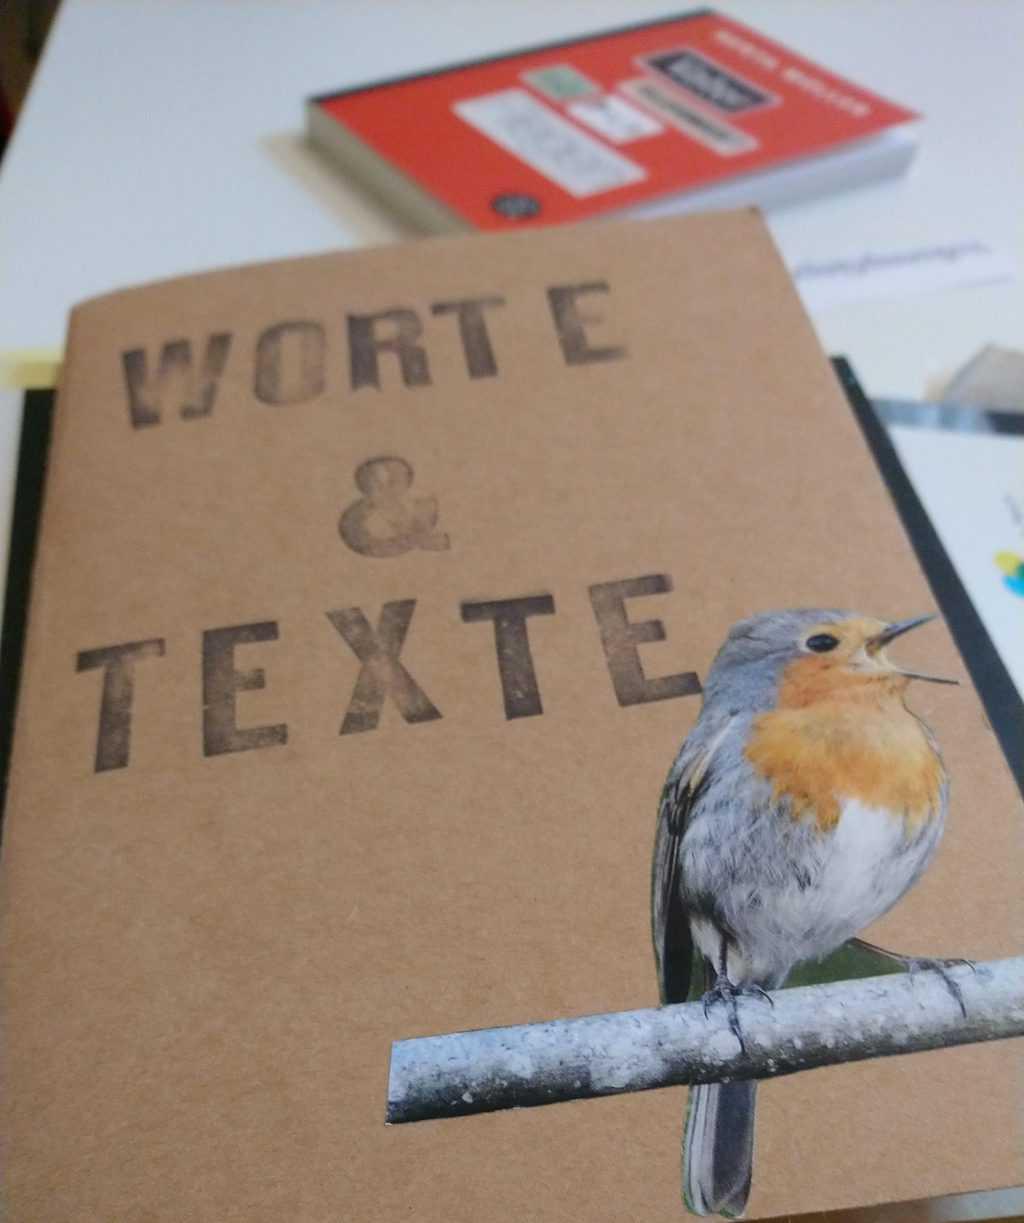 Schönes Notizbuch bei den Textperimenten im Kreativ-Haus Münster